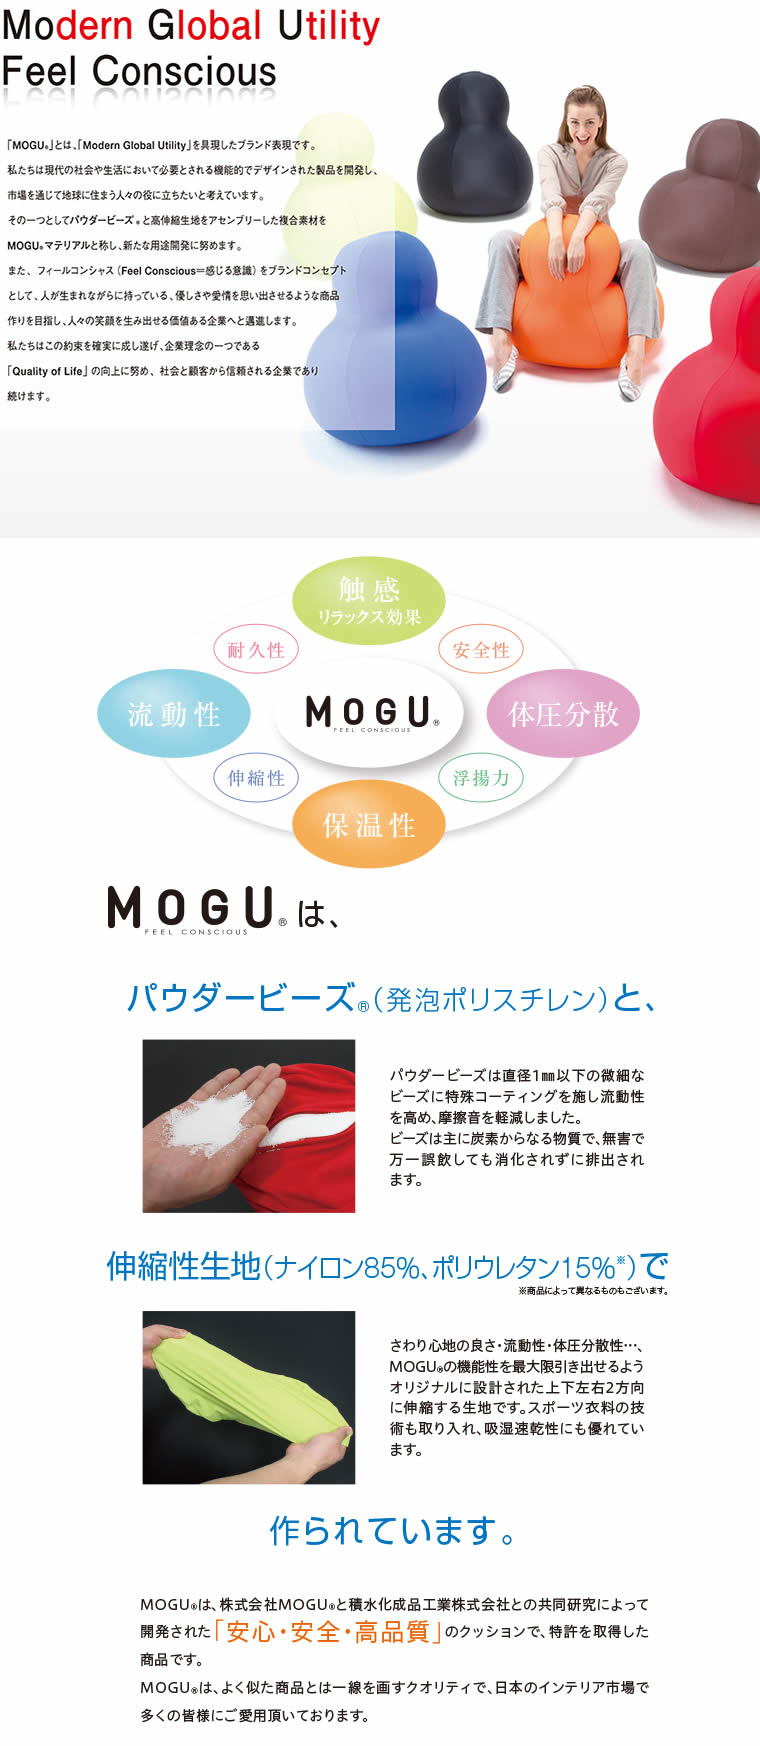 MOGUについて